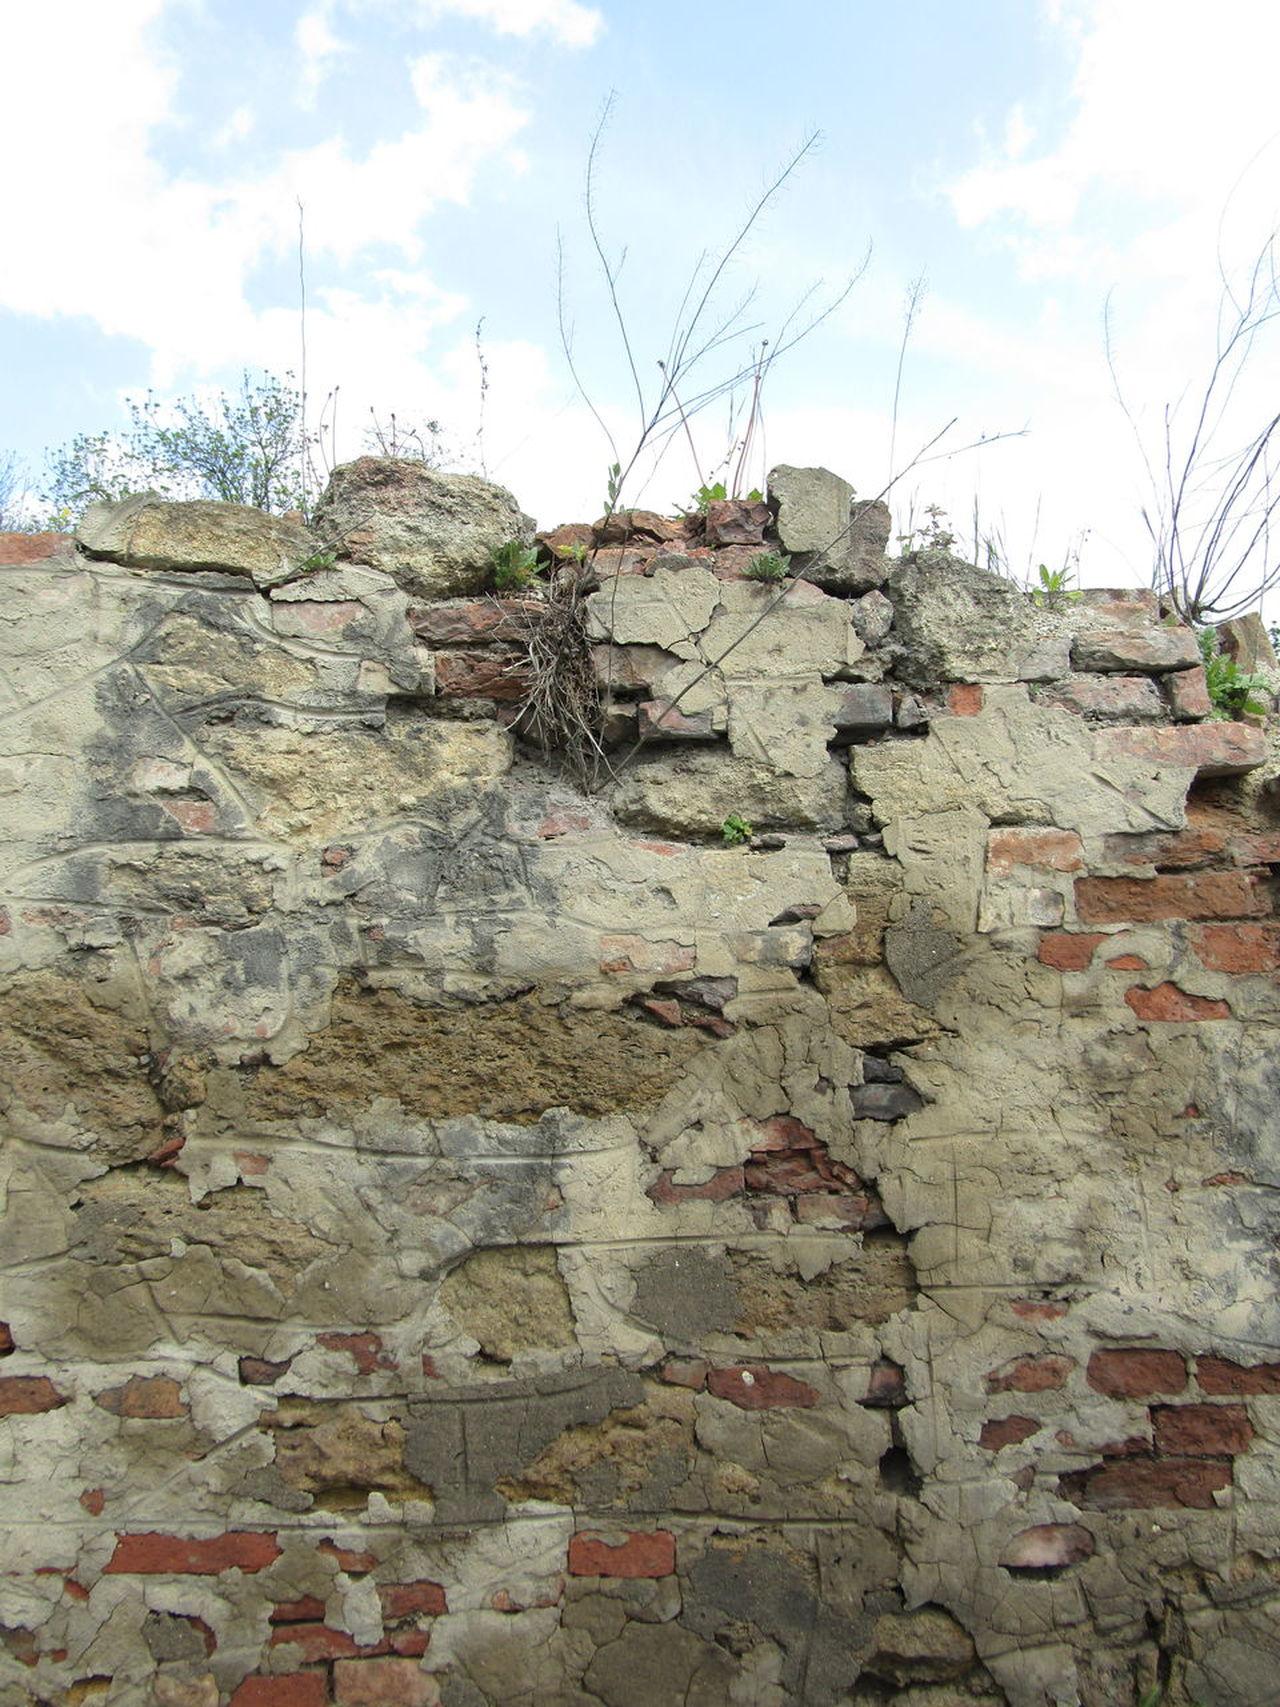 Wien Vienna Liesing Wall Mauer Verlassen Abandoned Ziegel Brick Brick Wall Verfallene Mauer Textured  Full Frame Backgrounds Verfallen